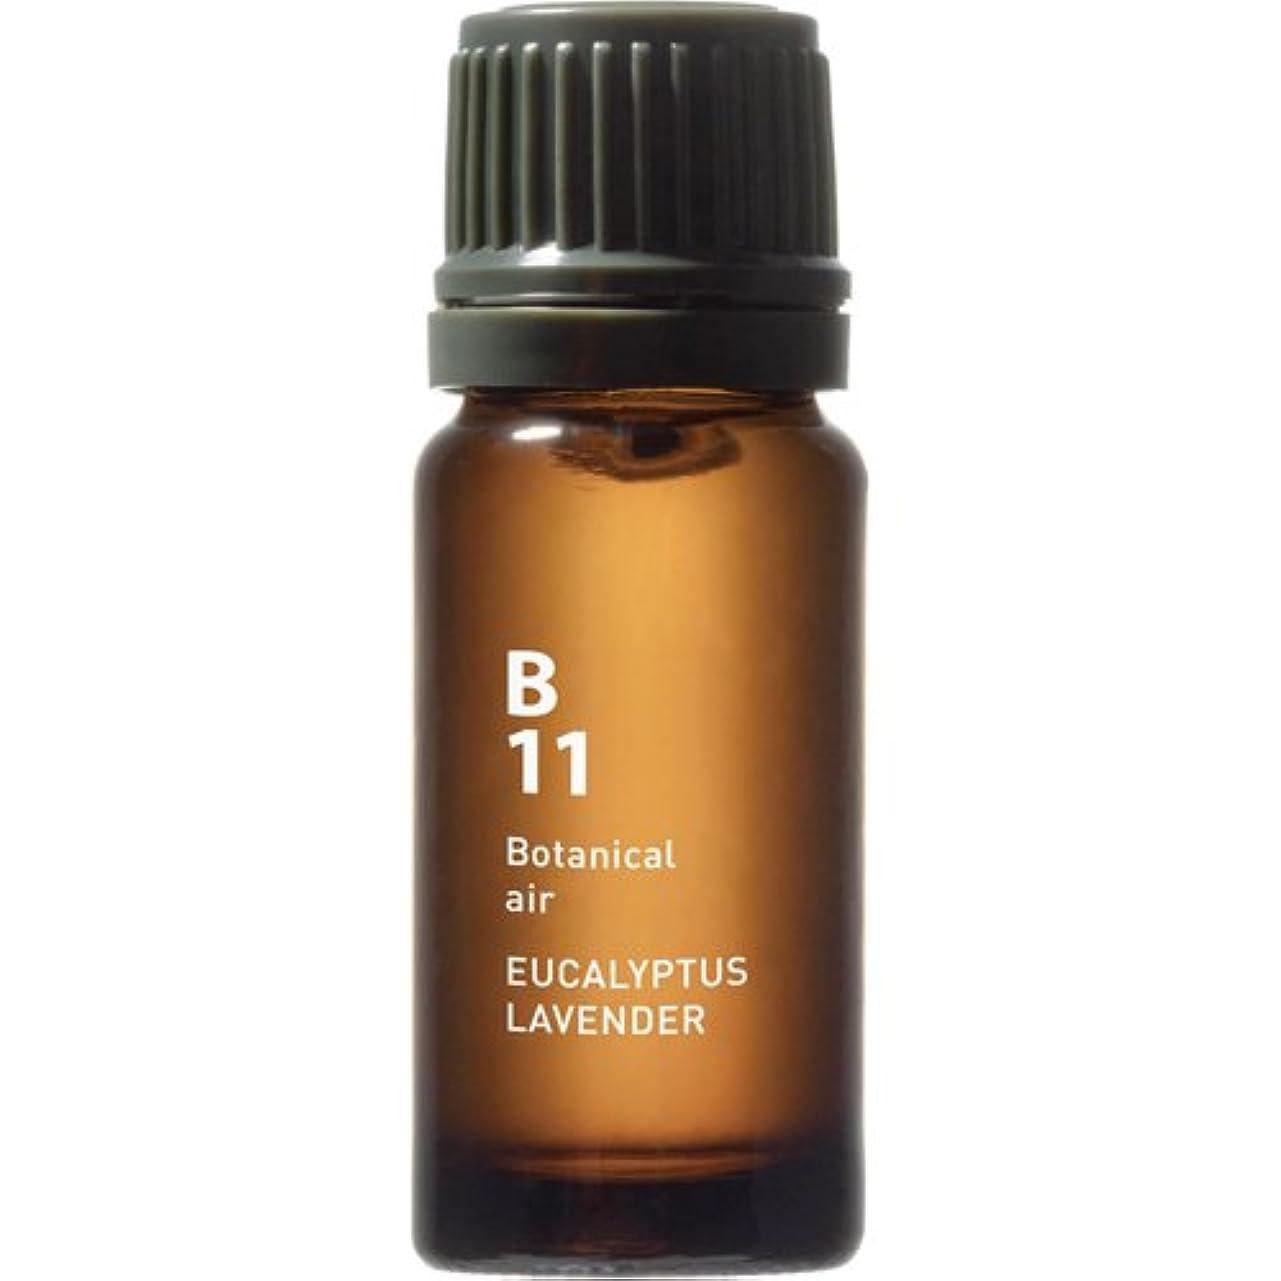 梨マオリ剥ぎ取るB11 ユーカリラベンダー Botanical air(ボタニカルエアー) 10ml